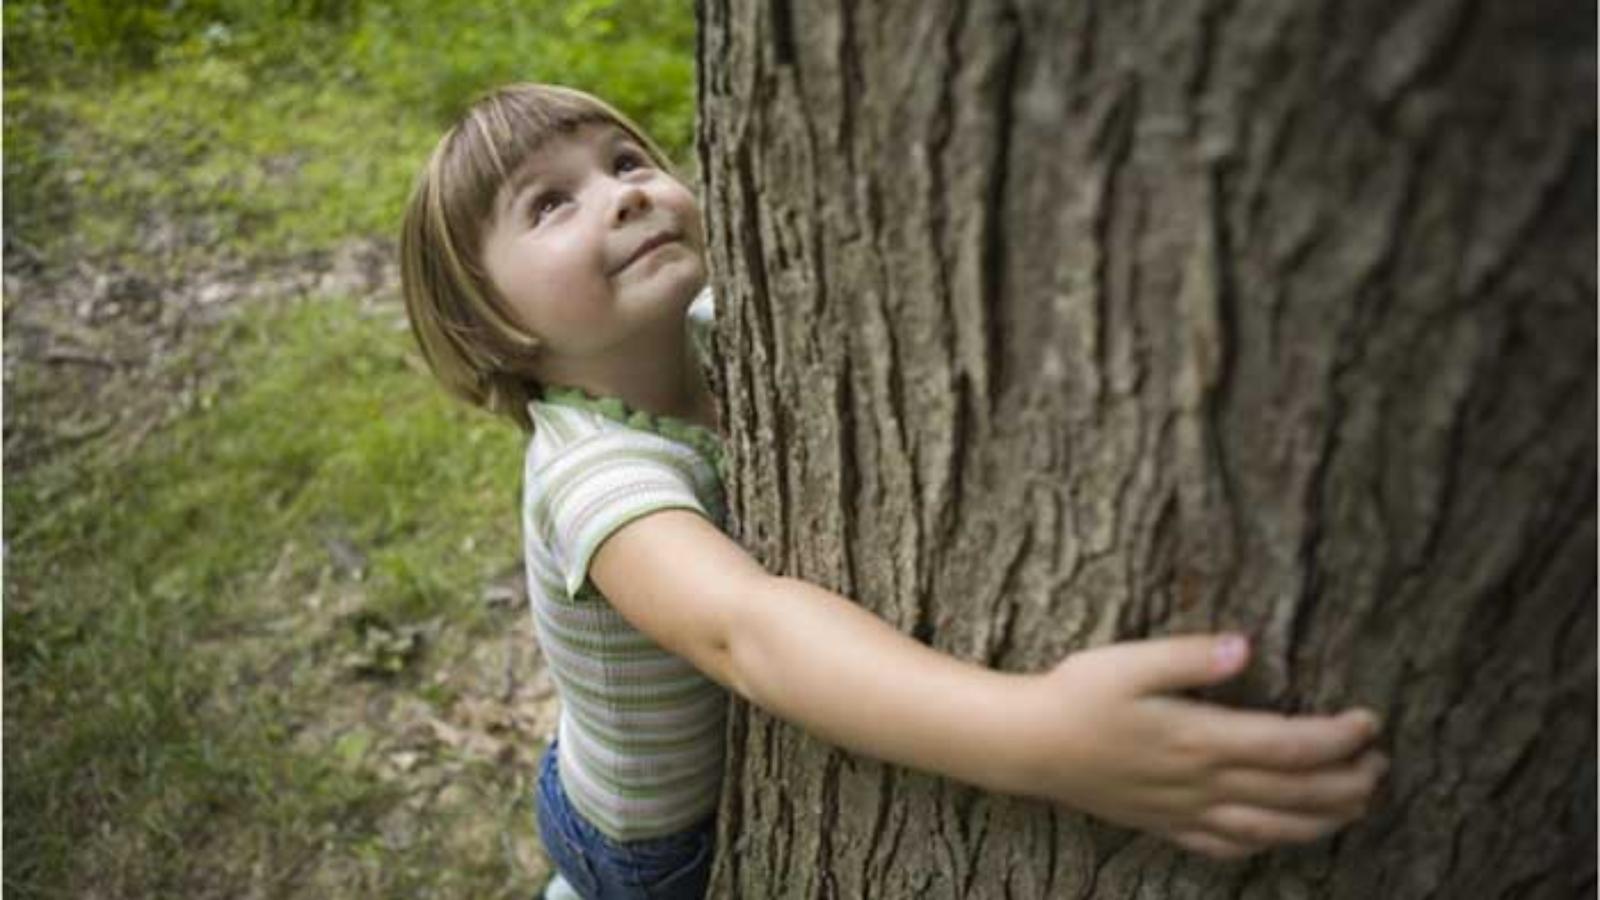 کودکان در محیط زیست